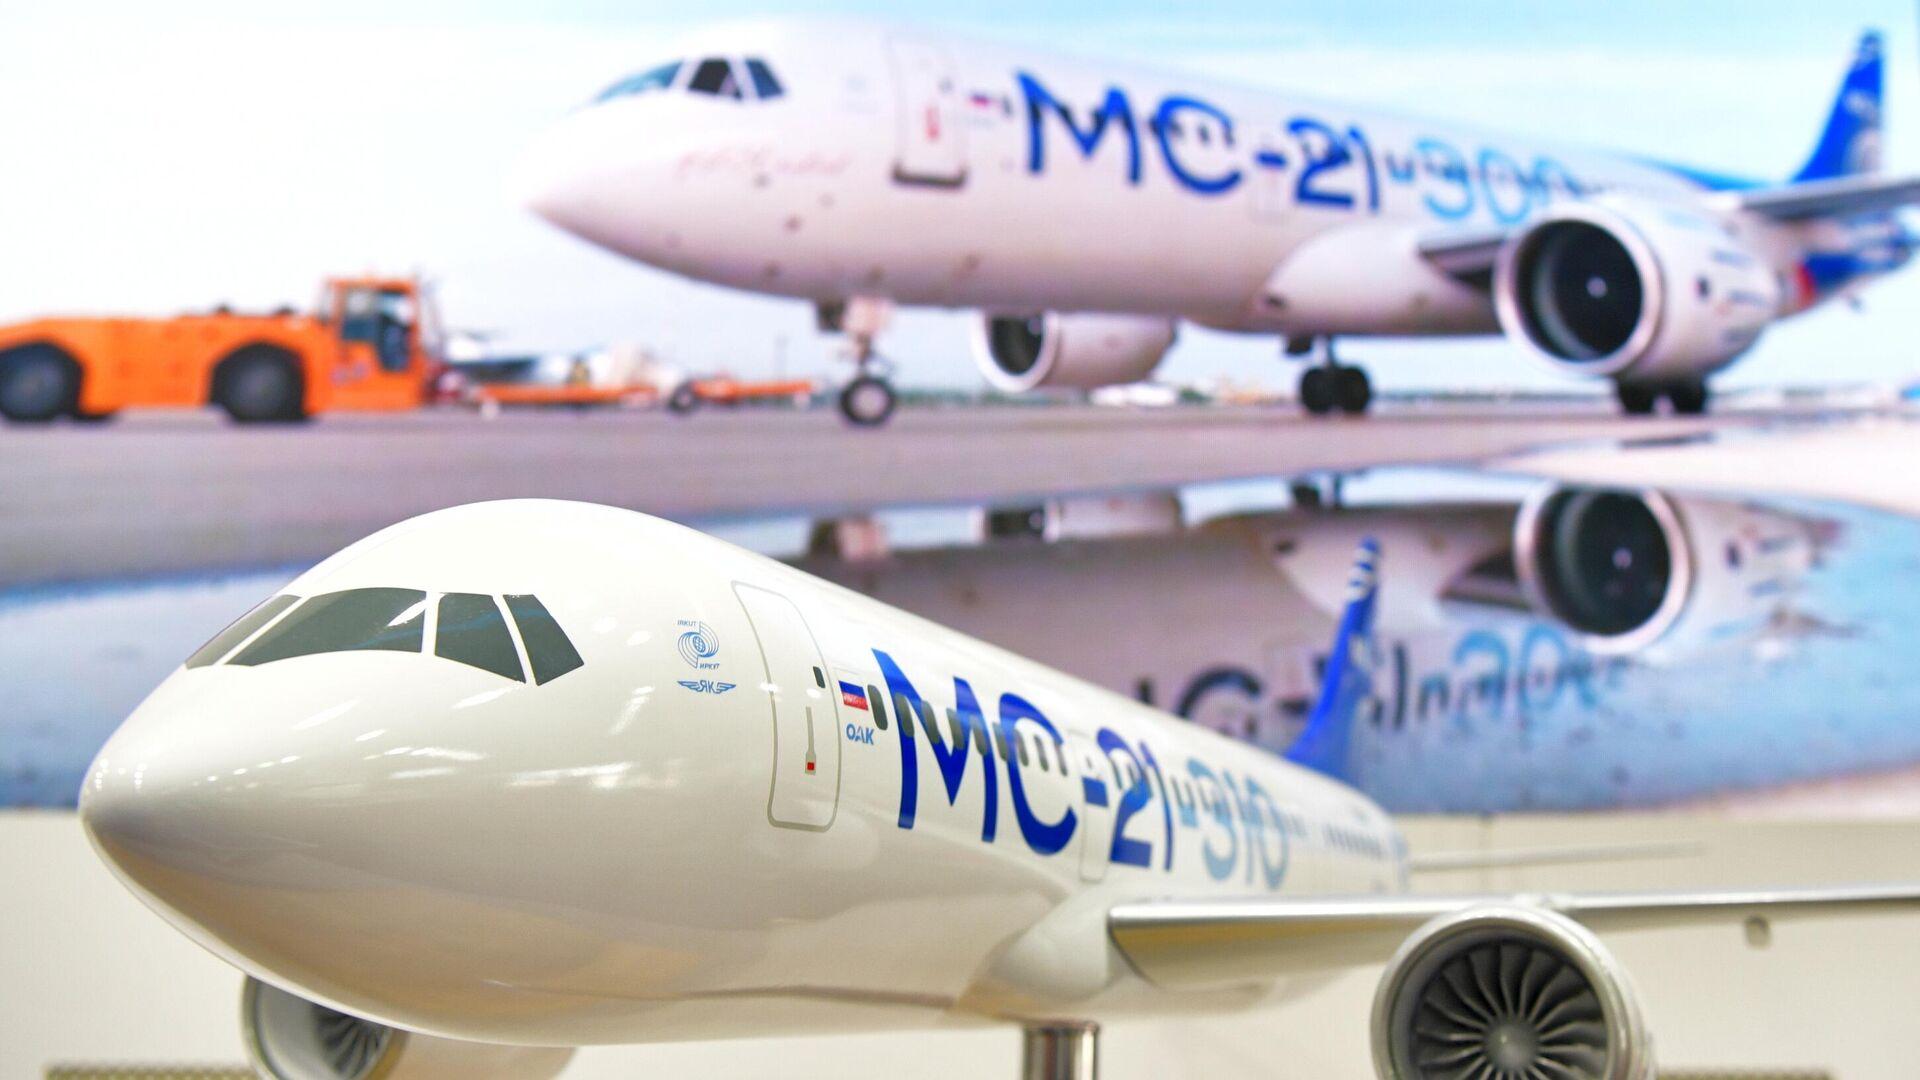 Макет пассажирского самолета МС-21-310 на выставке  Международного авиационно-космического салона МАКС-2021 - РИА Новости, 1920, 29.07.2021